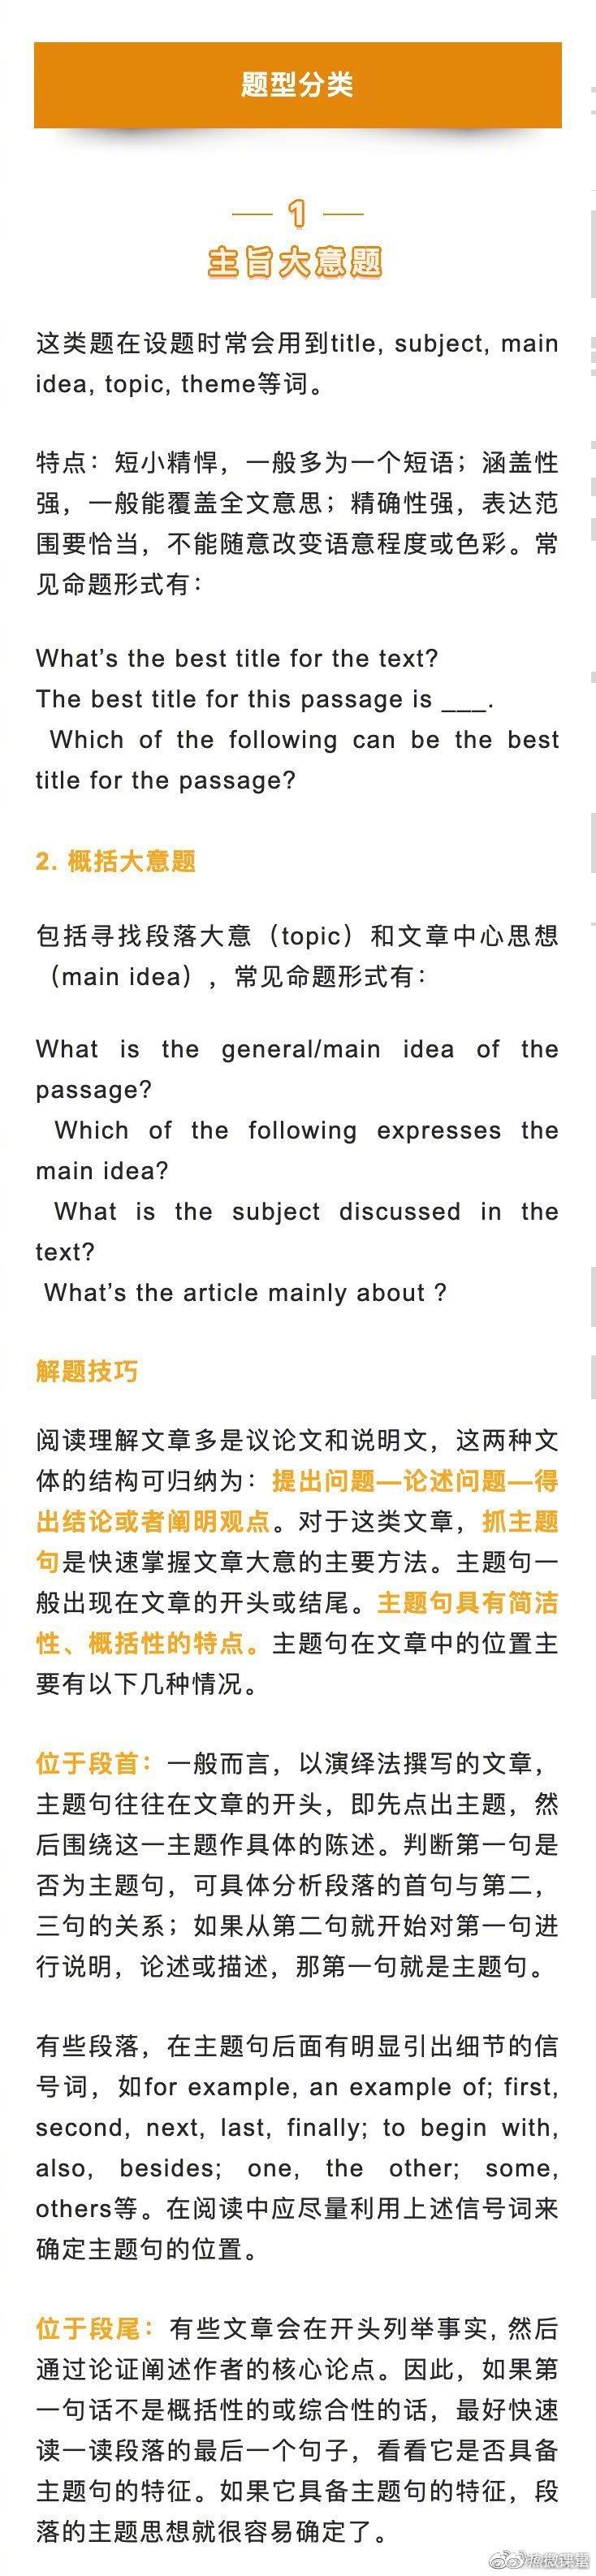 高考英语阅读理解 4 类题型解题攻略+ 6 大解题技巧